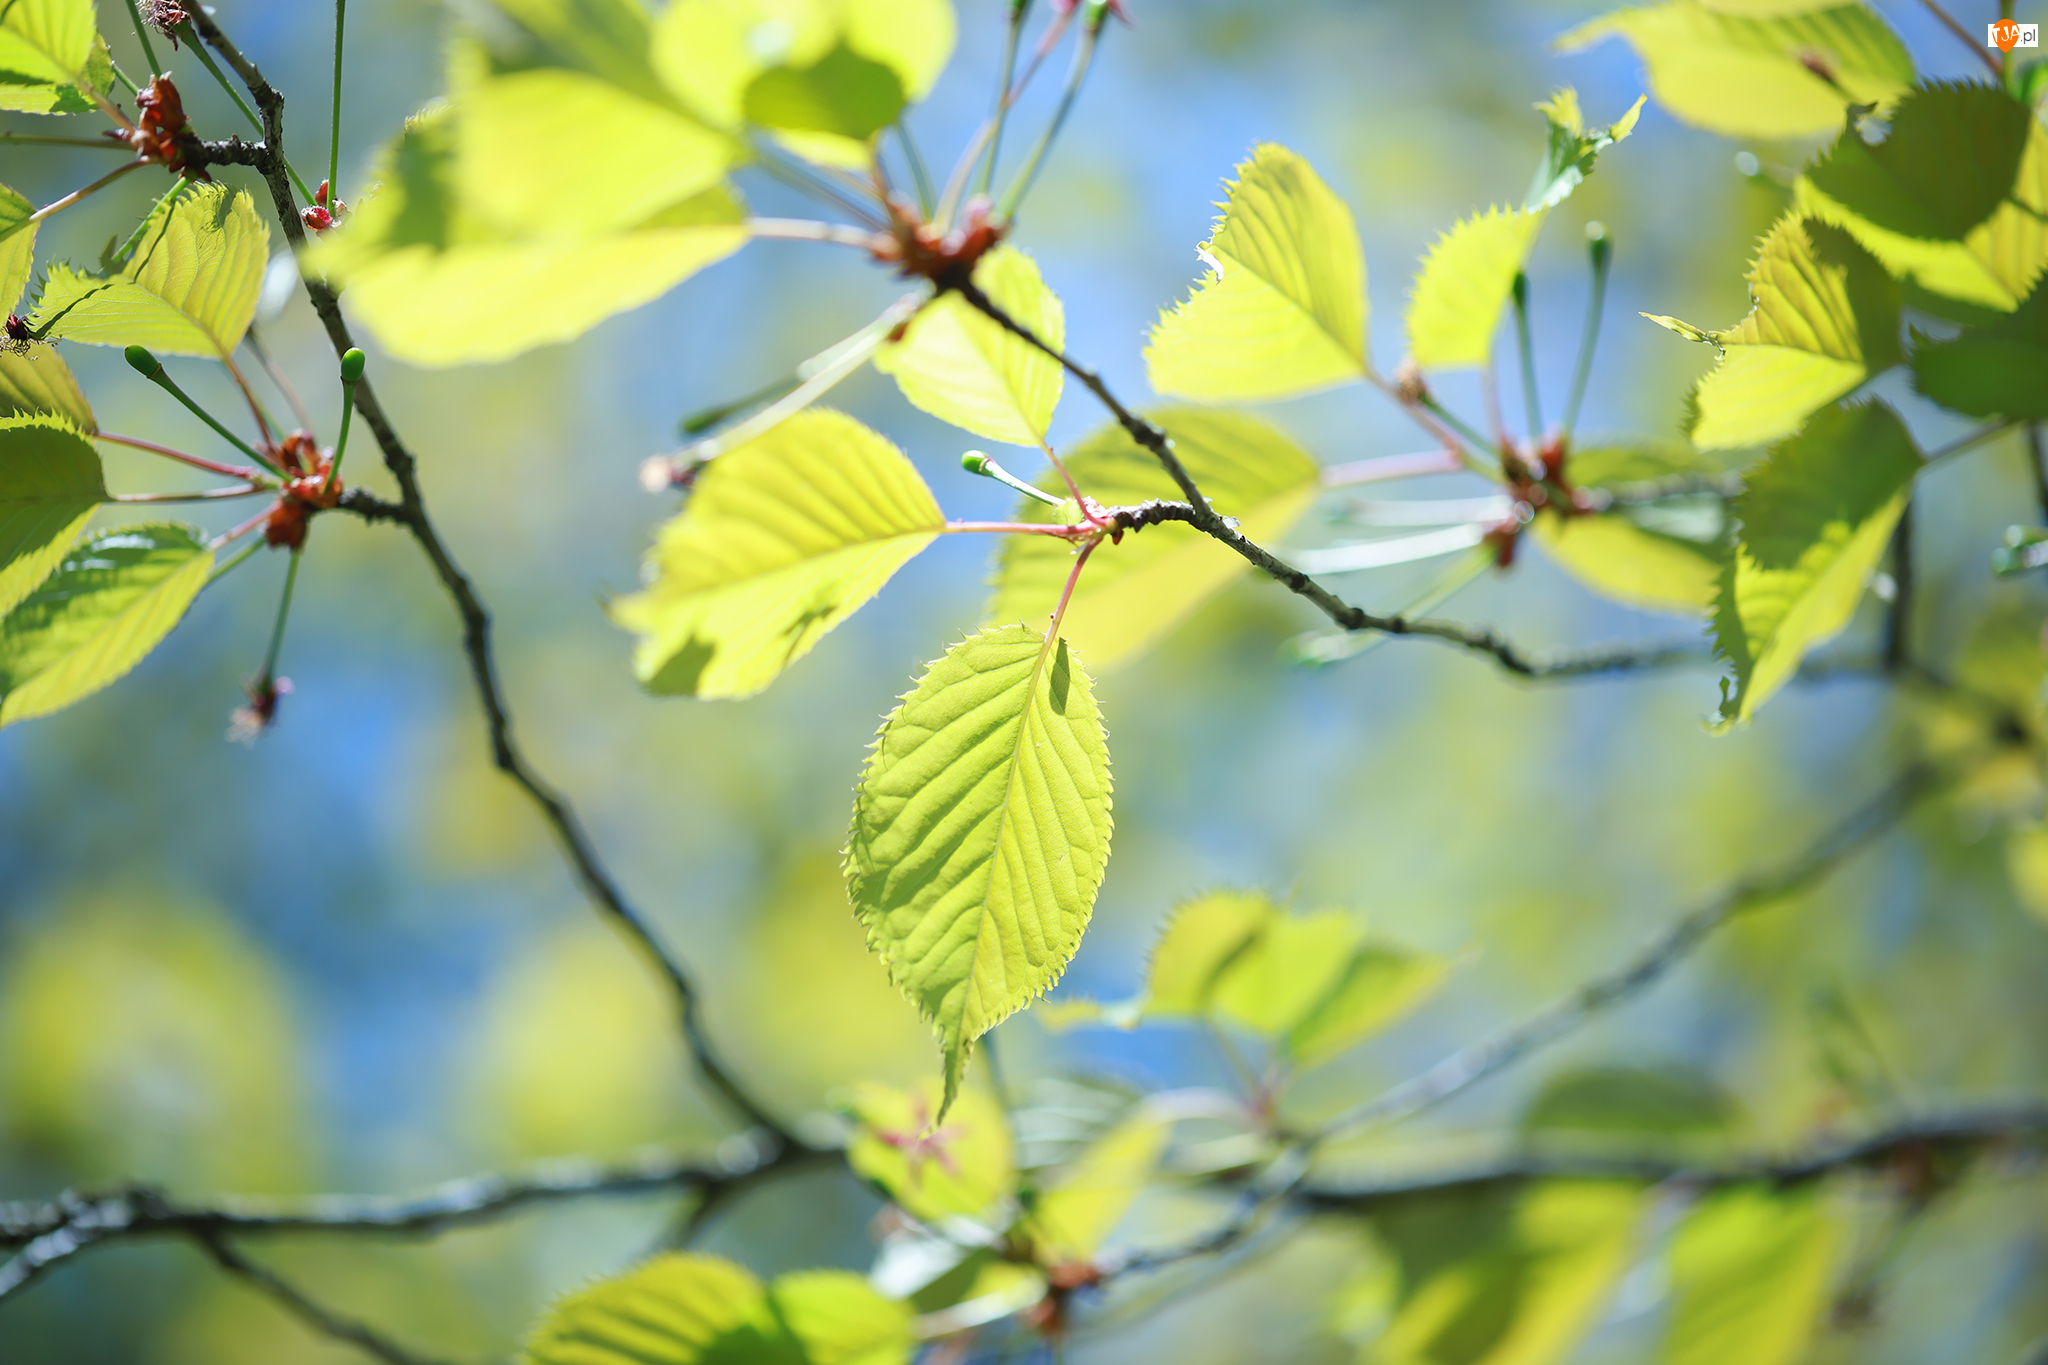 Gałązki, Rozświetlone, Zielone, Liście